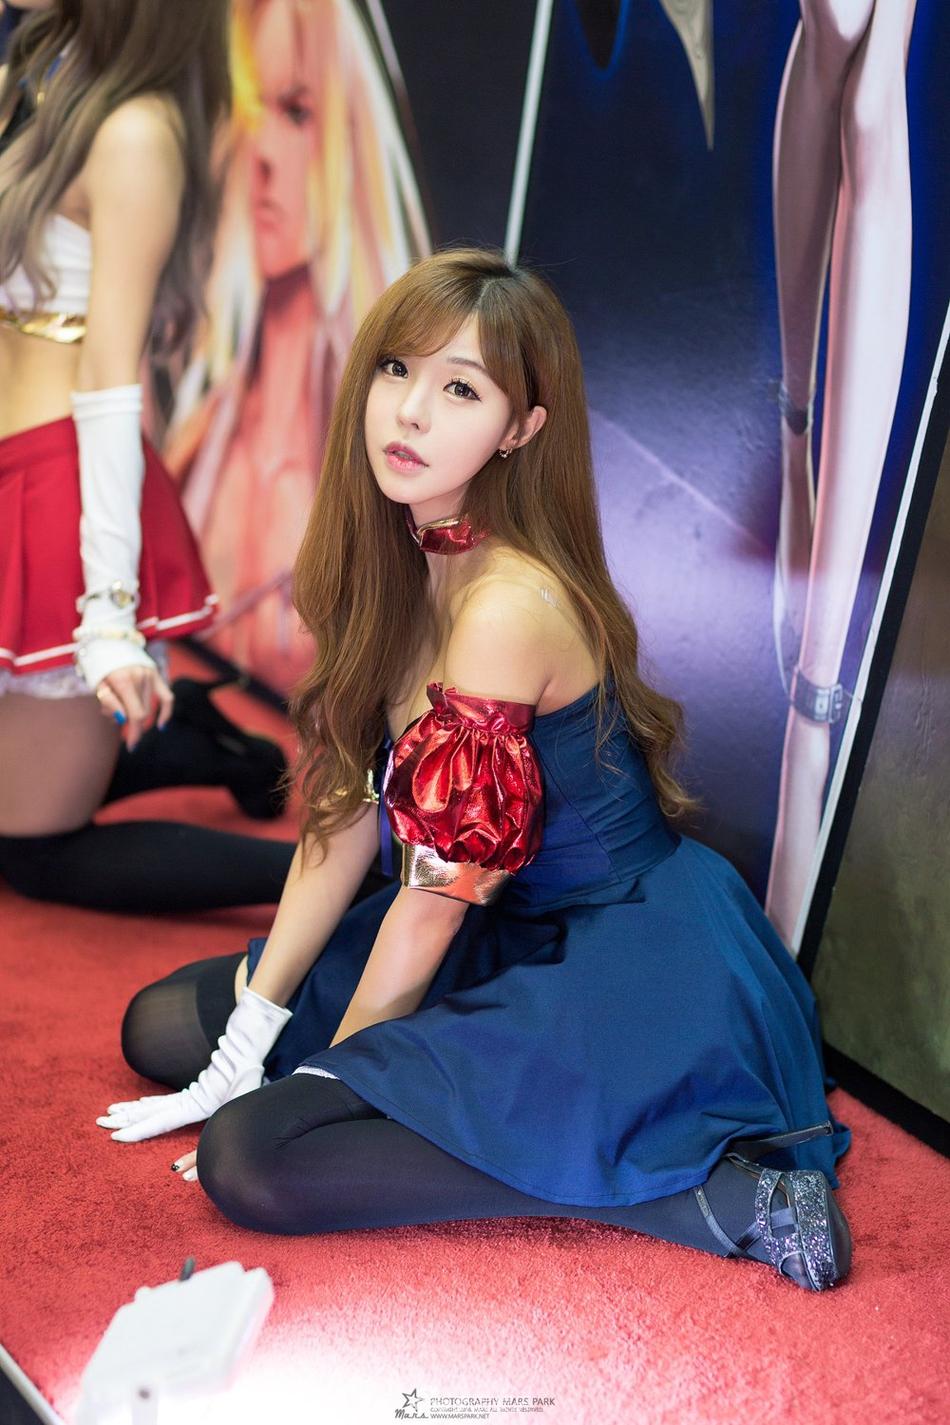 高清套图:韩国人气showgirl造型甜美呆萌可爱